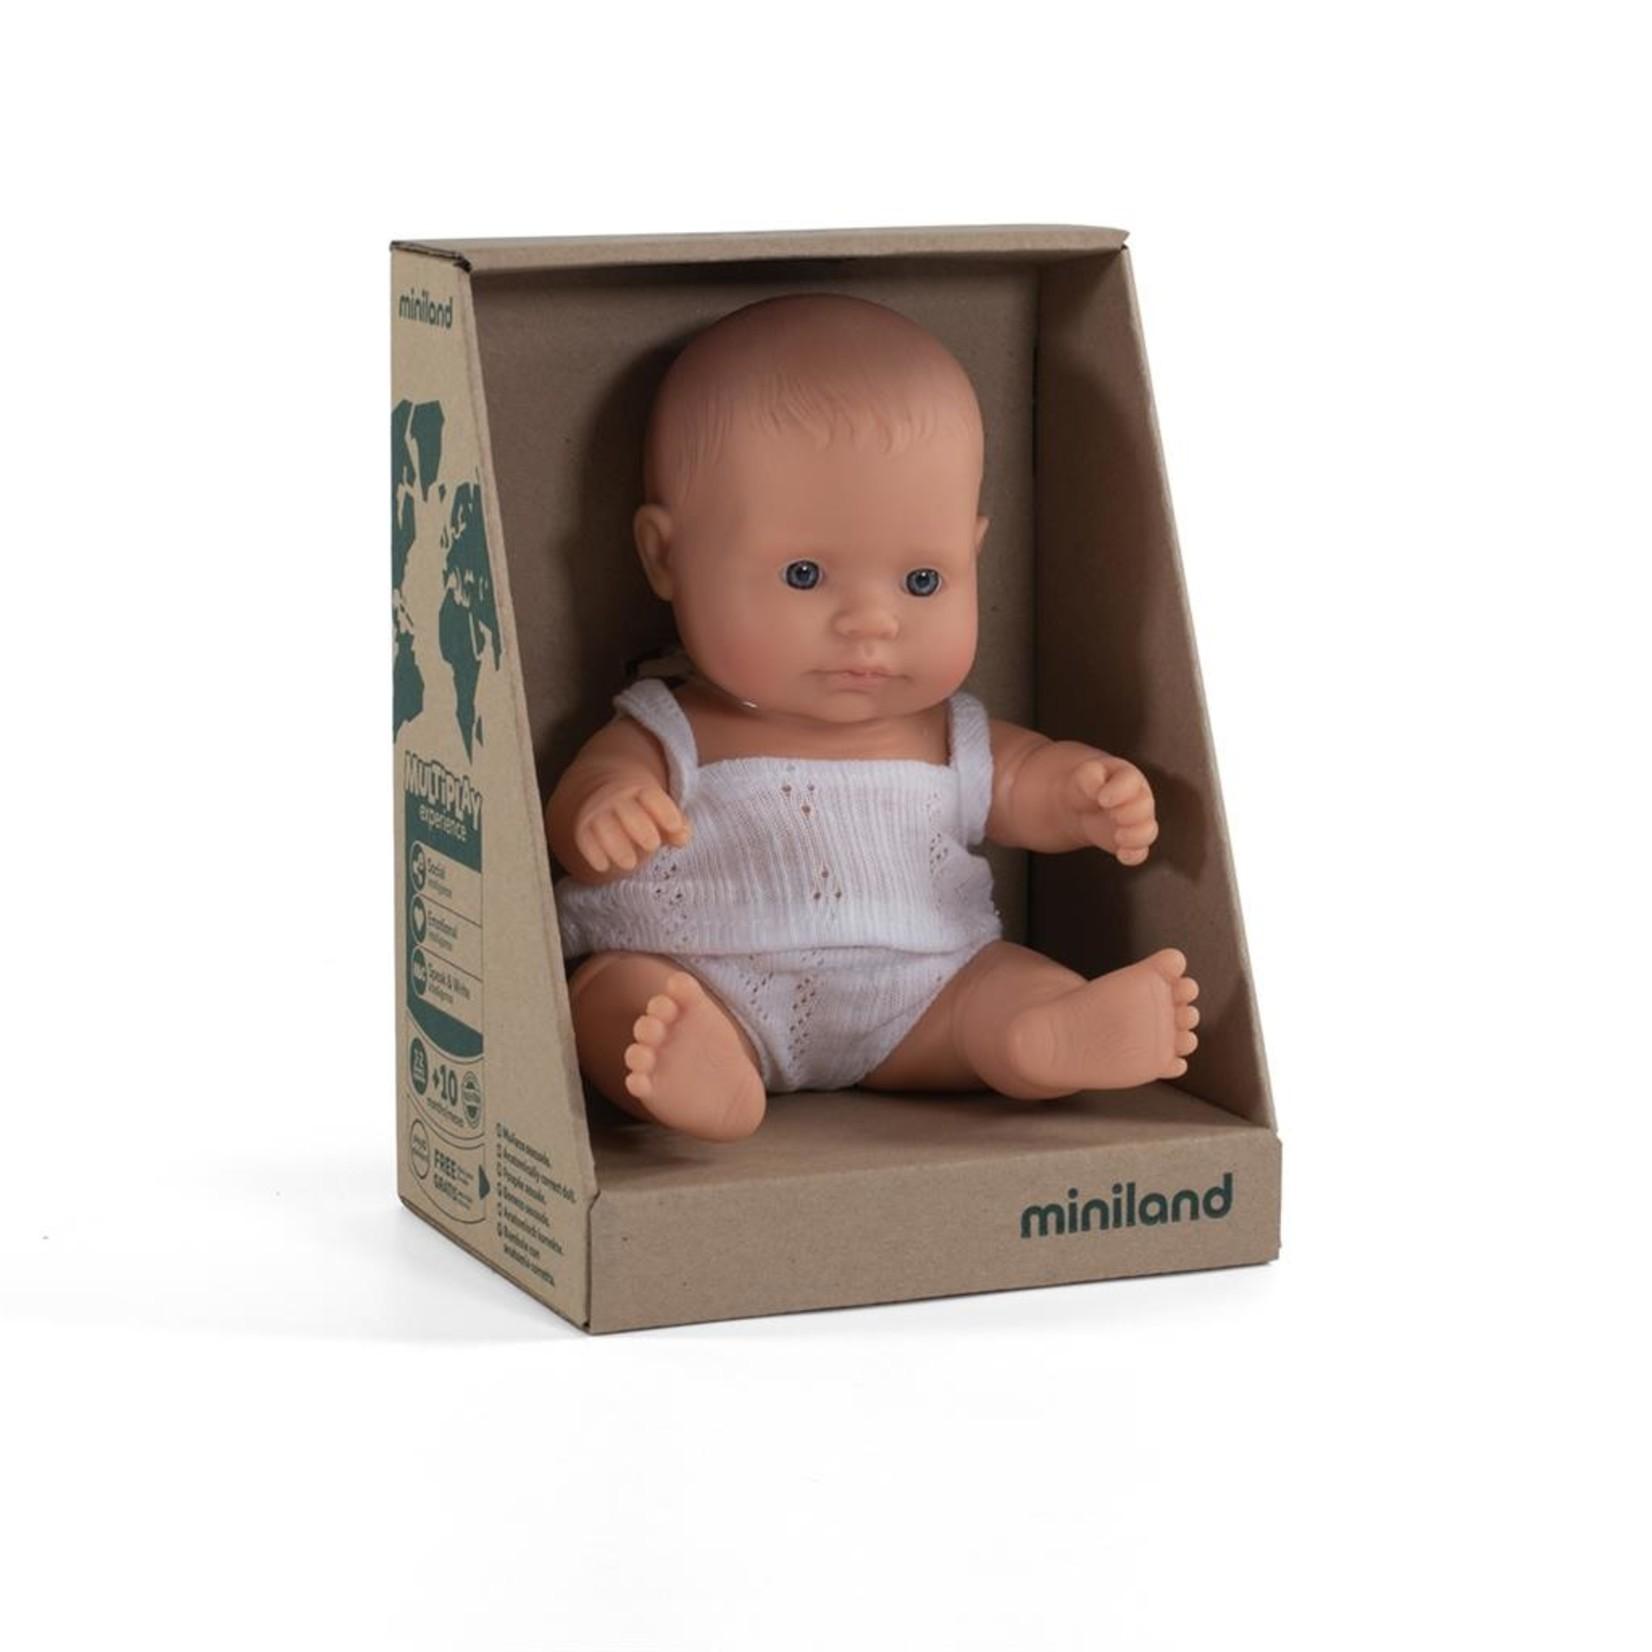 Miniland Miniland Babypop meisje 21cm met vanillegeur